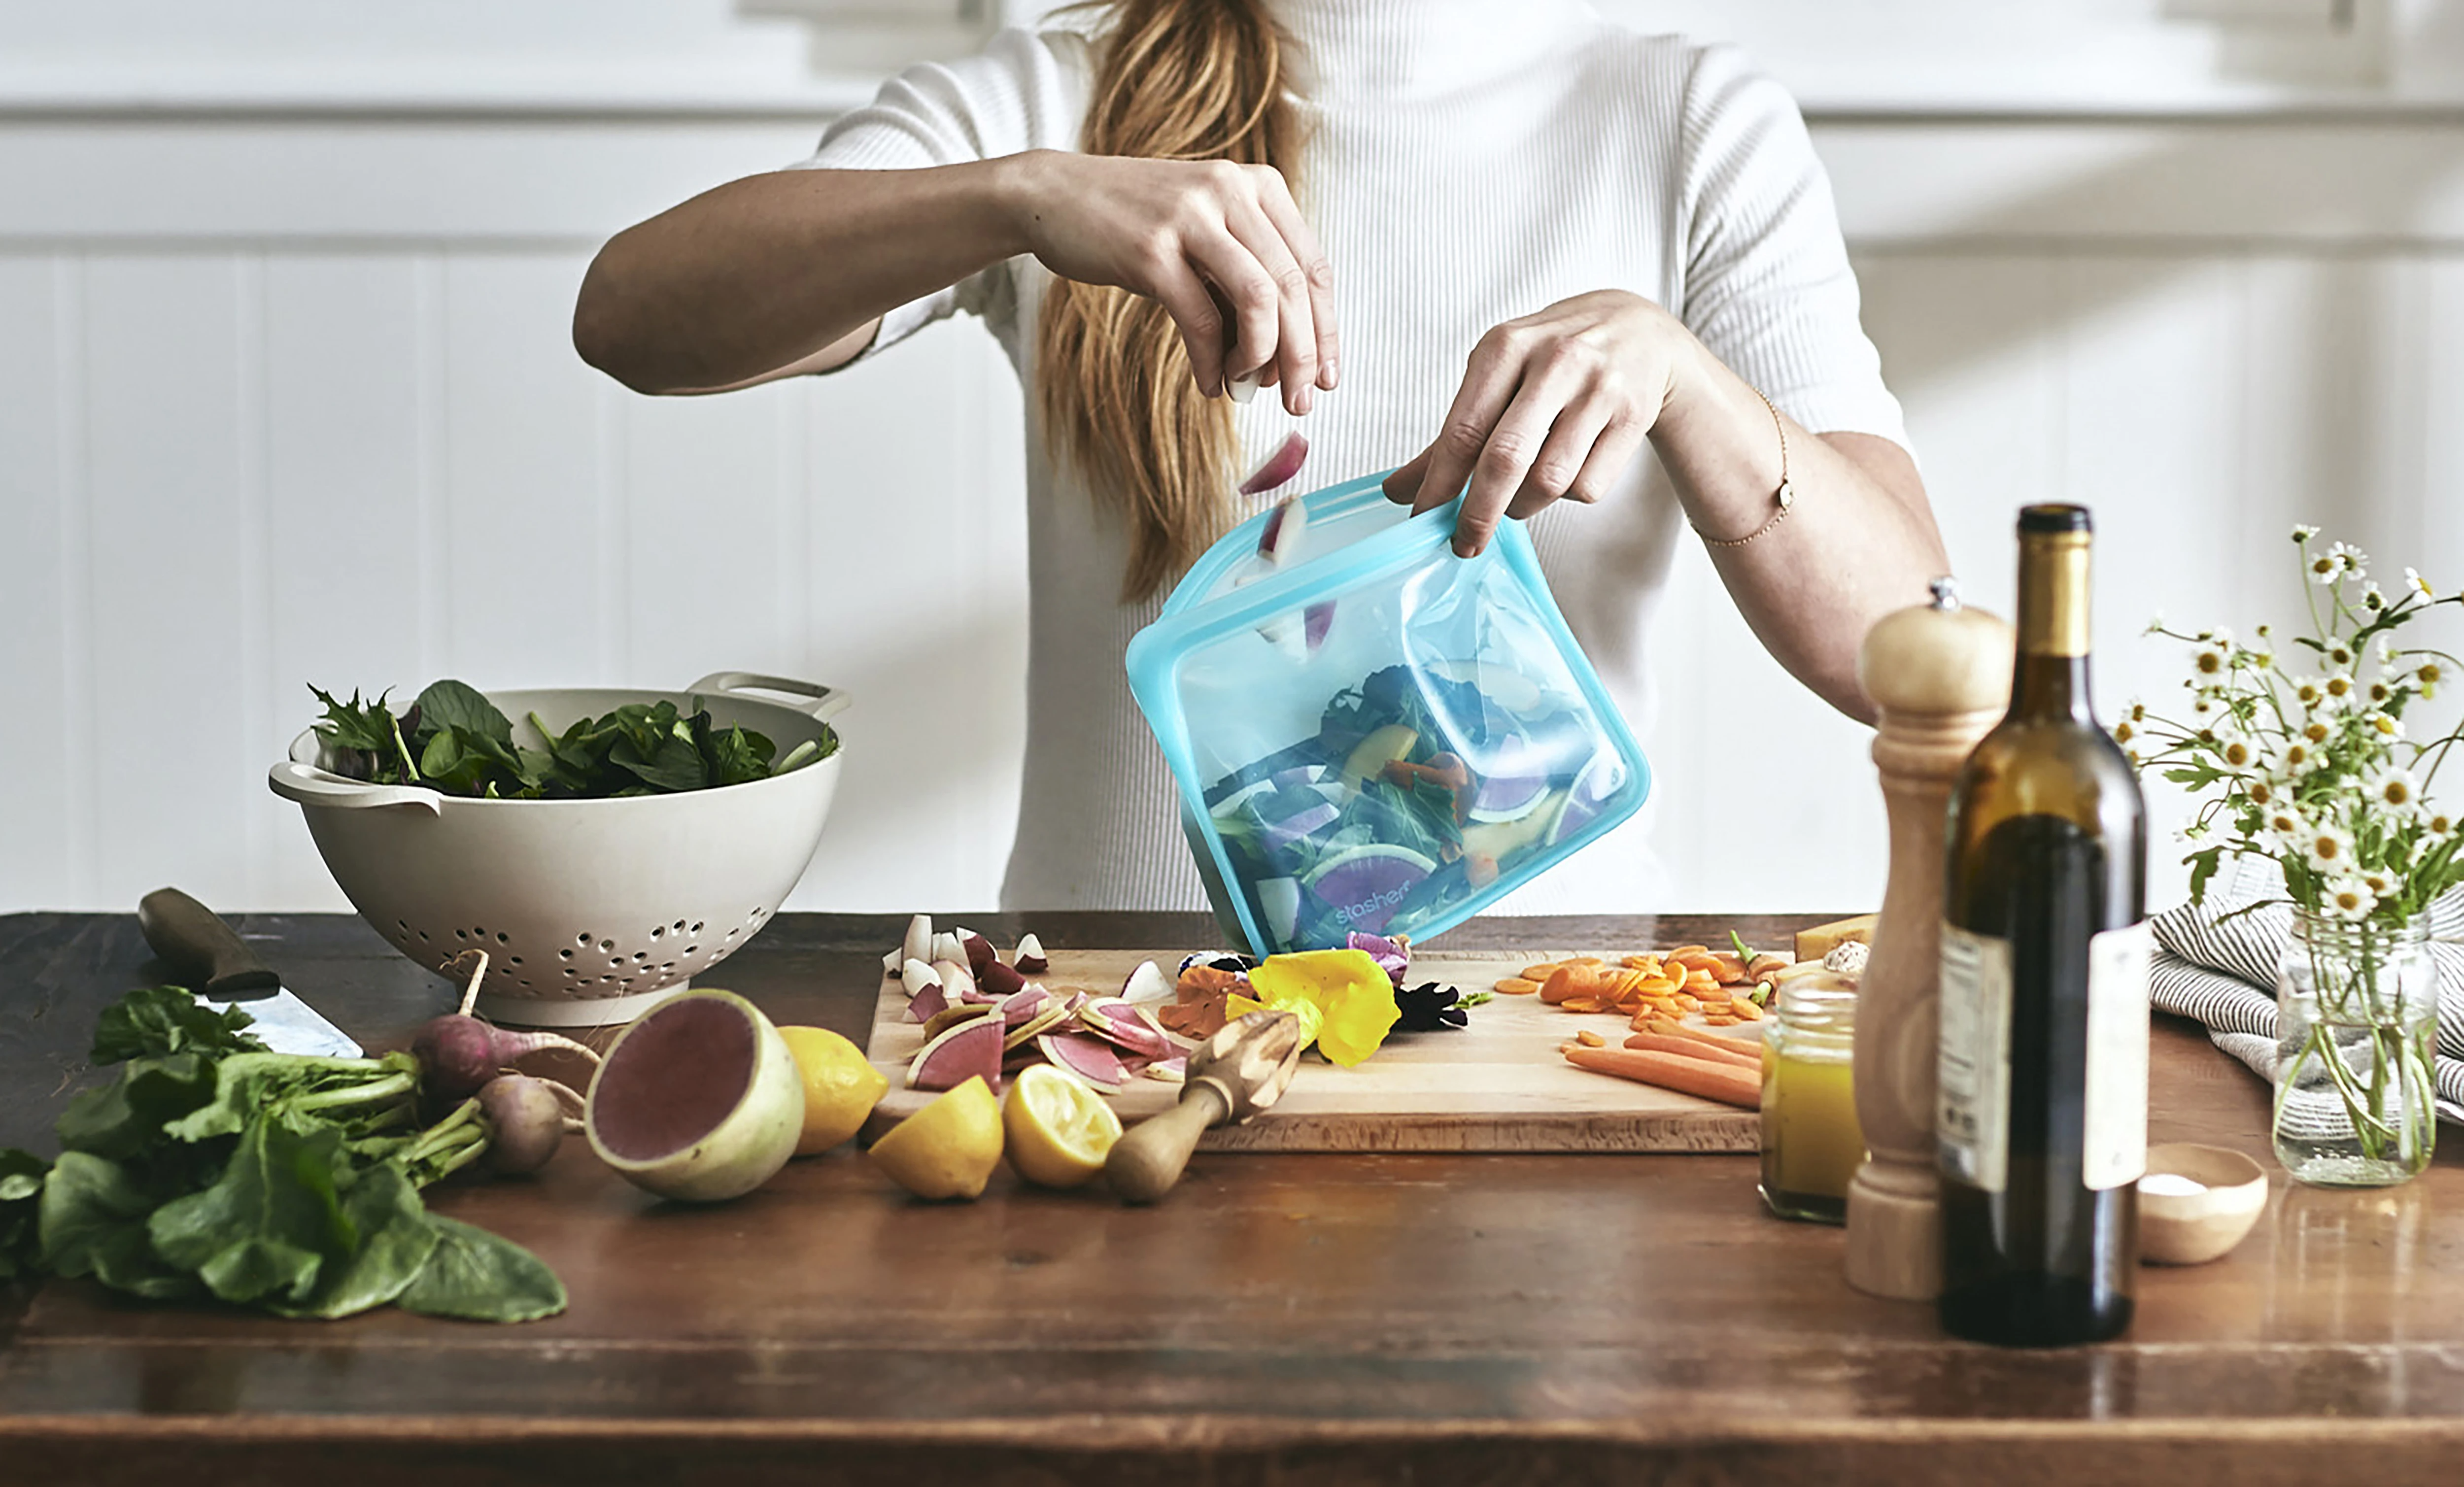 湯煎にもオーブンにも使えて便利すぎる…!繰り返し使える保存袋《スタッシャー》でエコライフを始めよう。